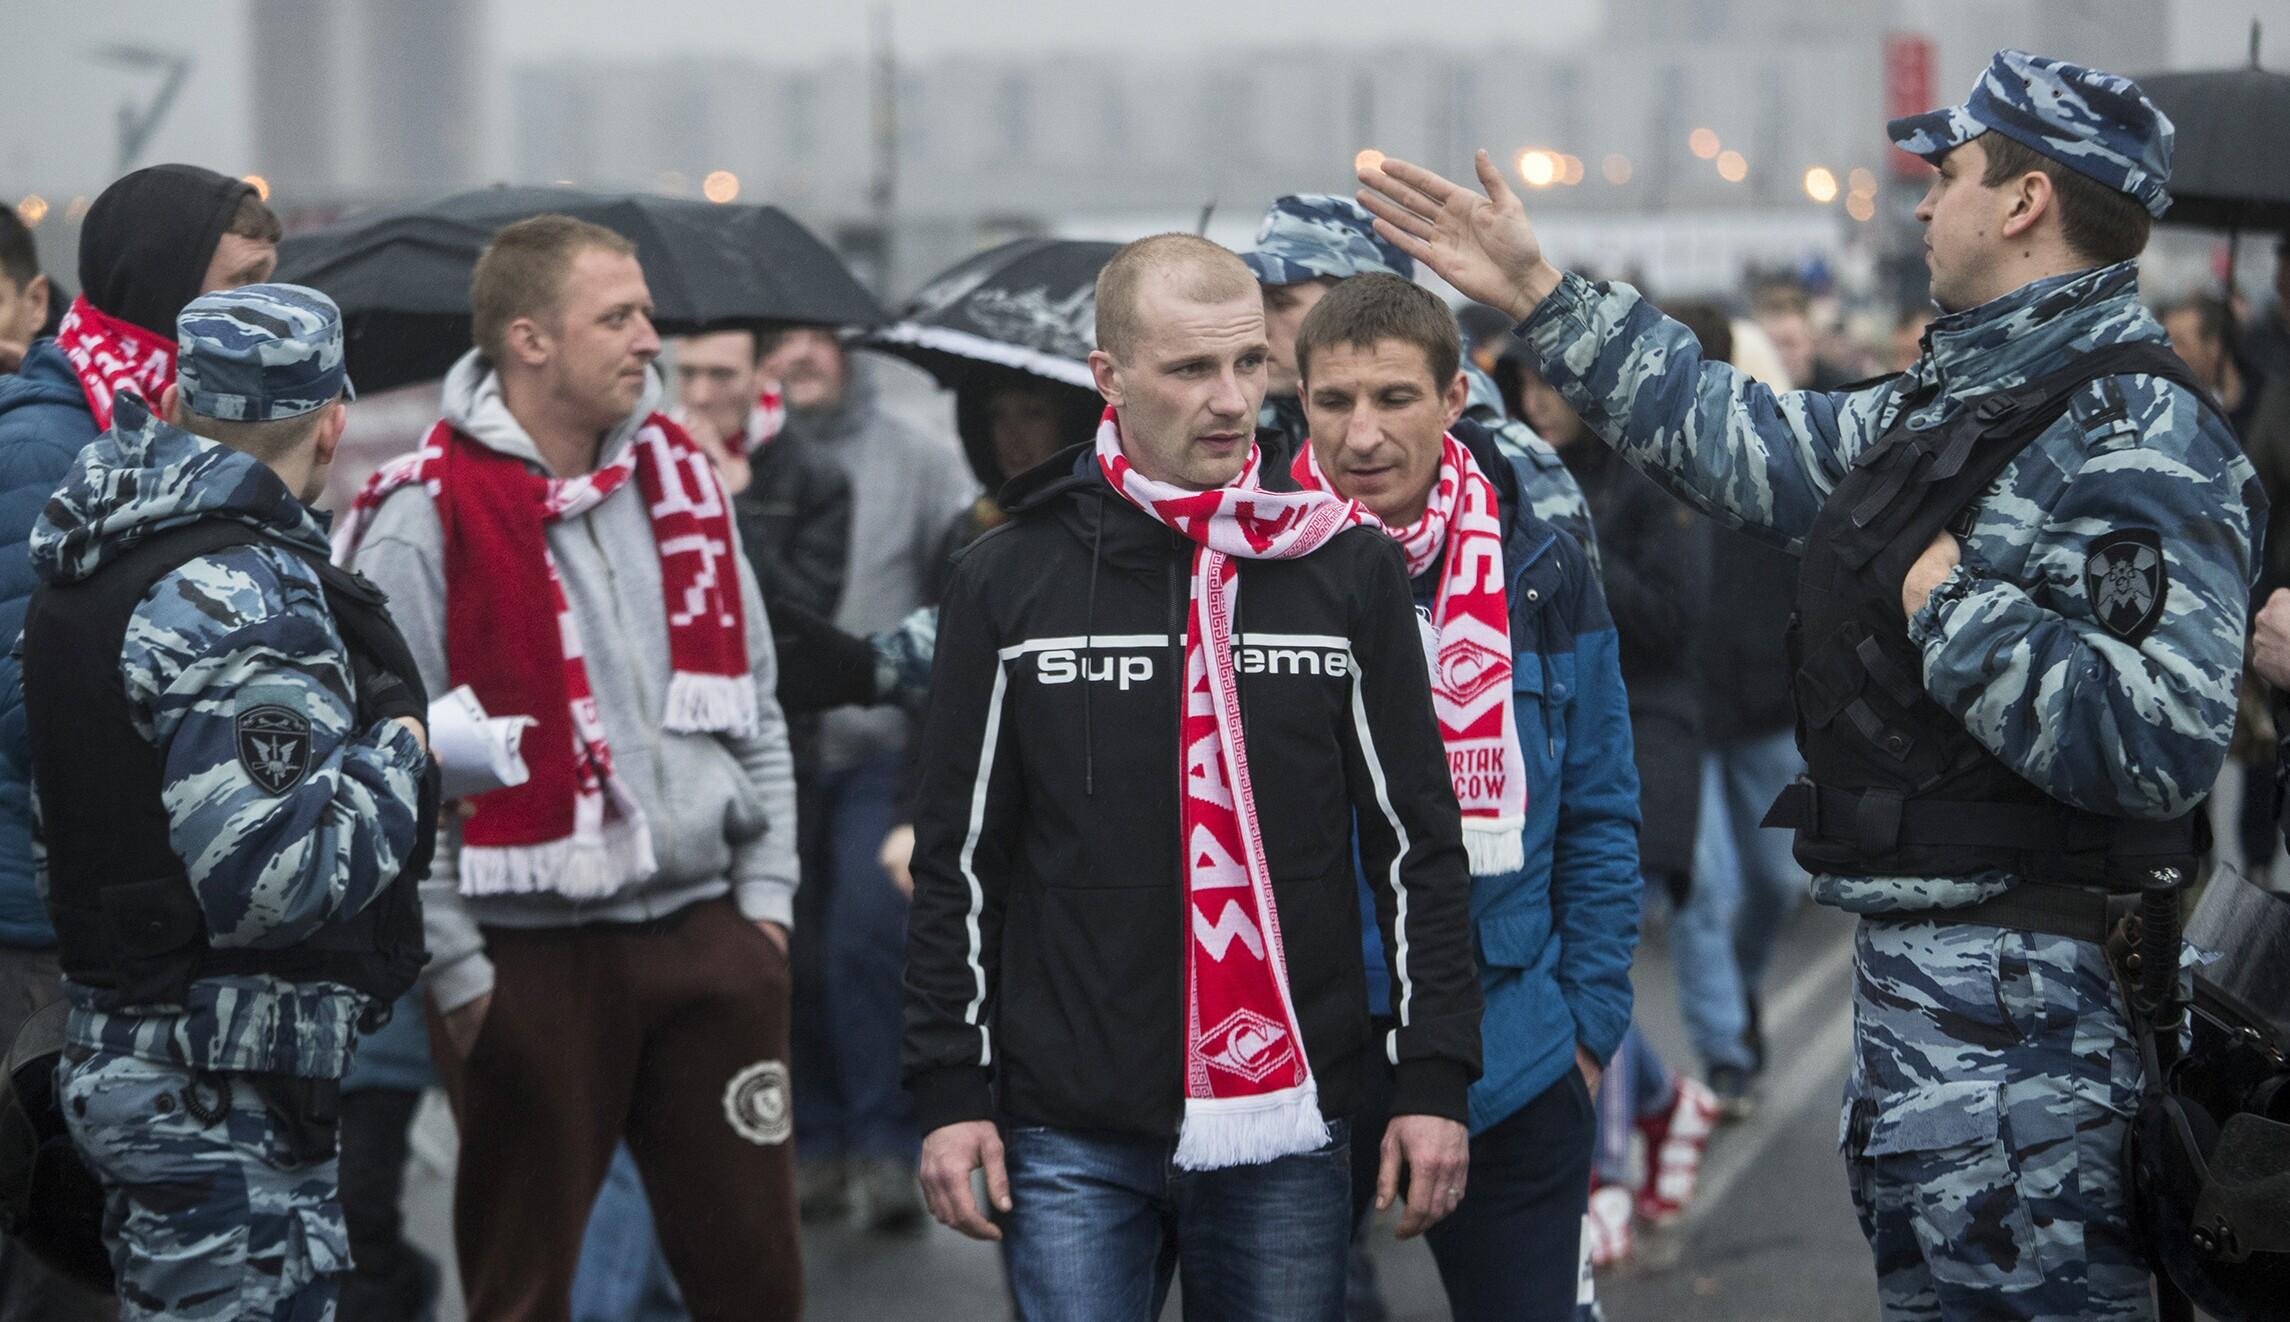 Kết quả hình ảnh cho russian dan hooligan world cup